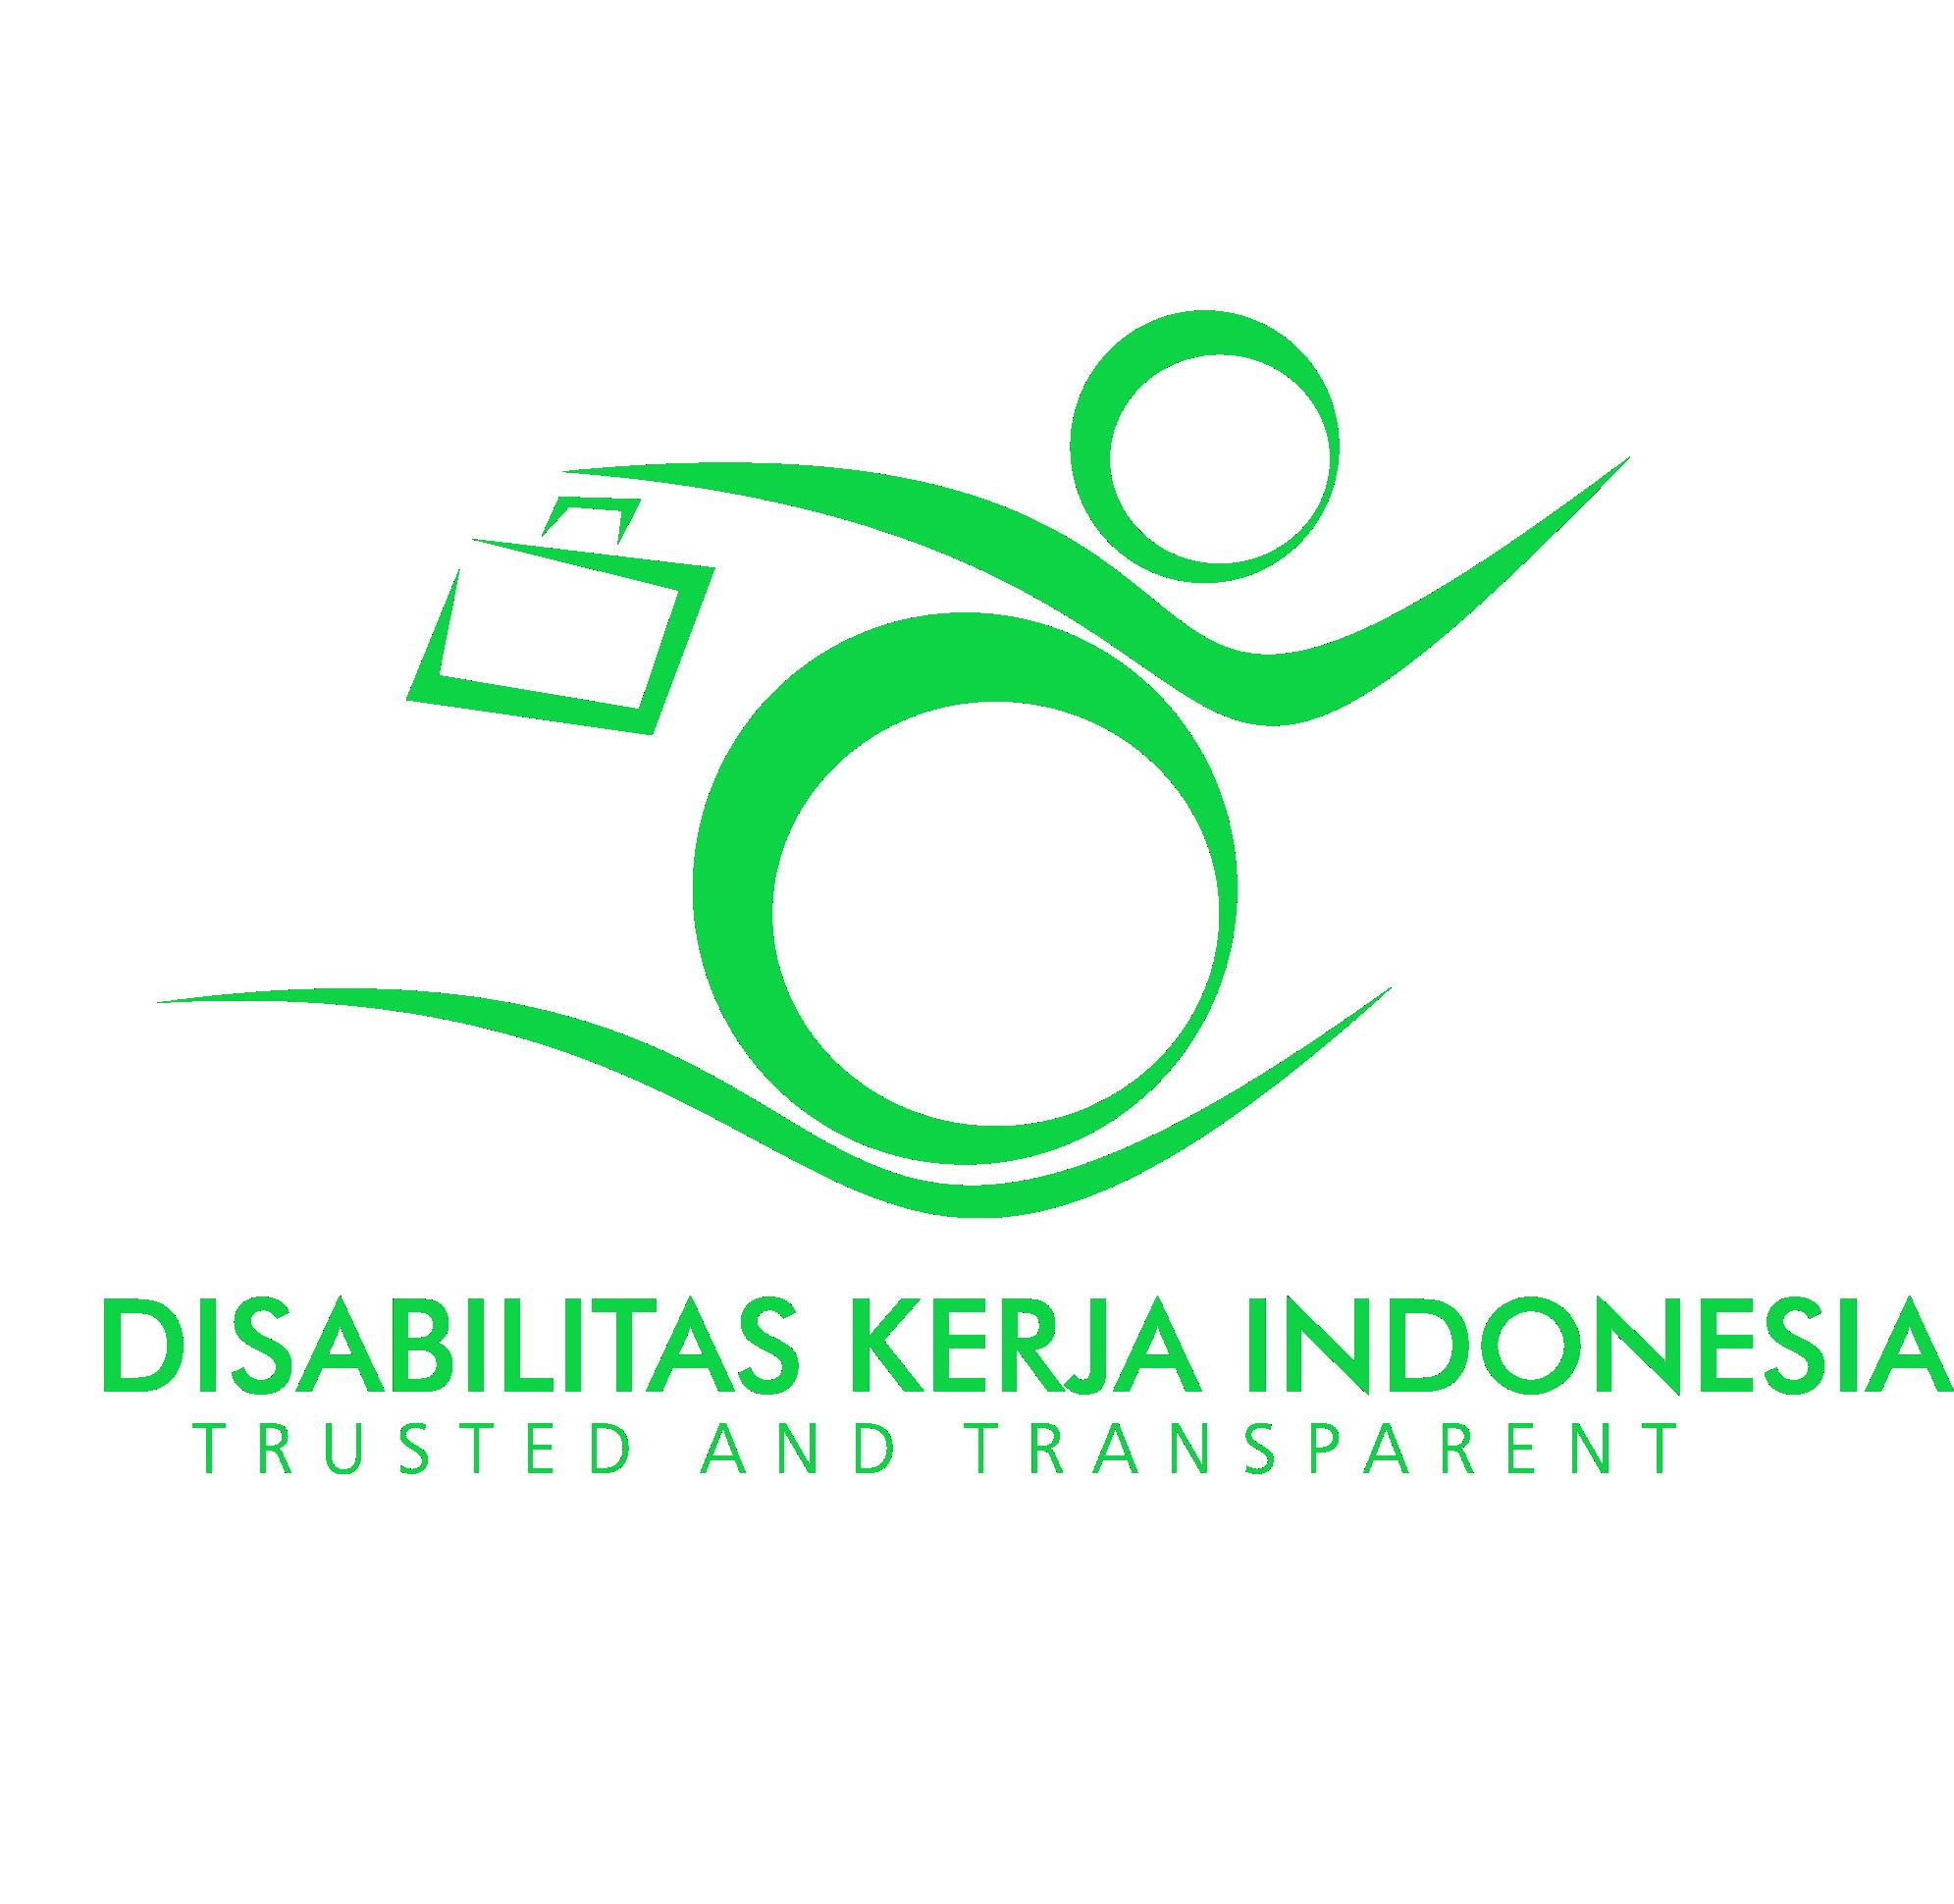 Disabilitas Kerja